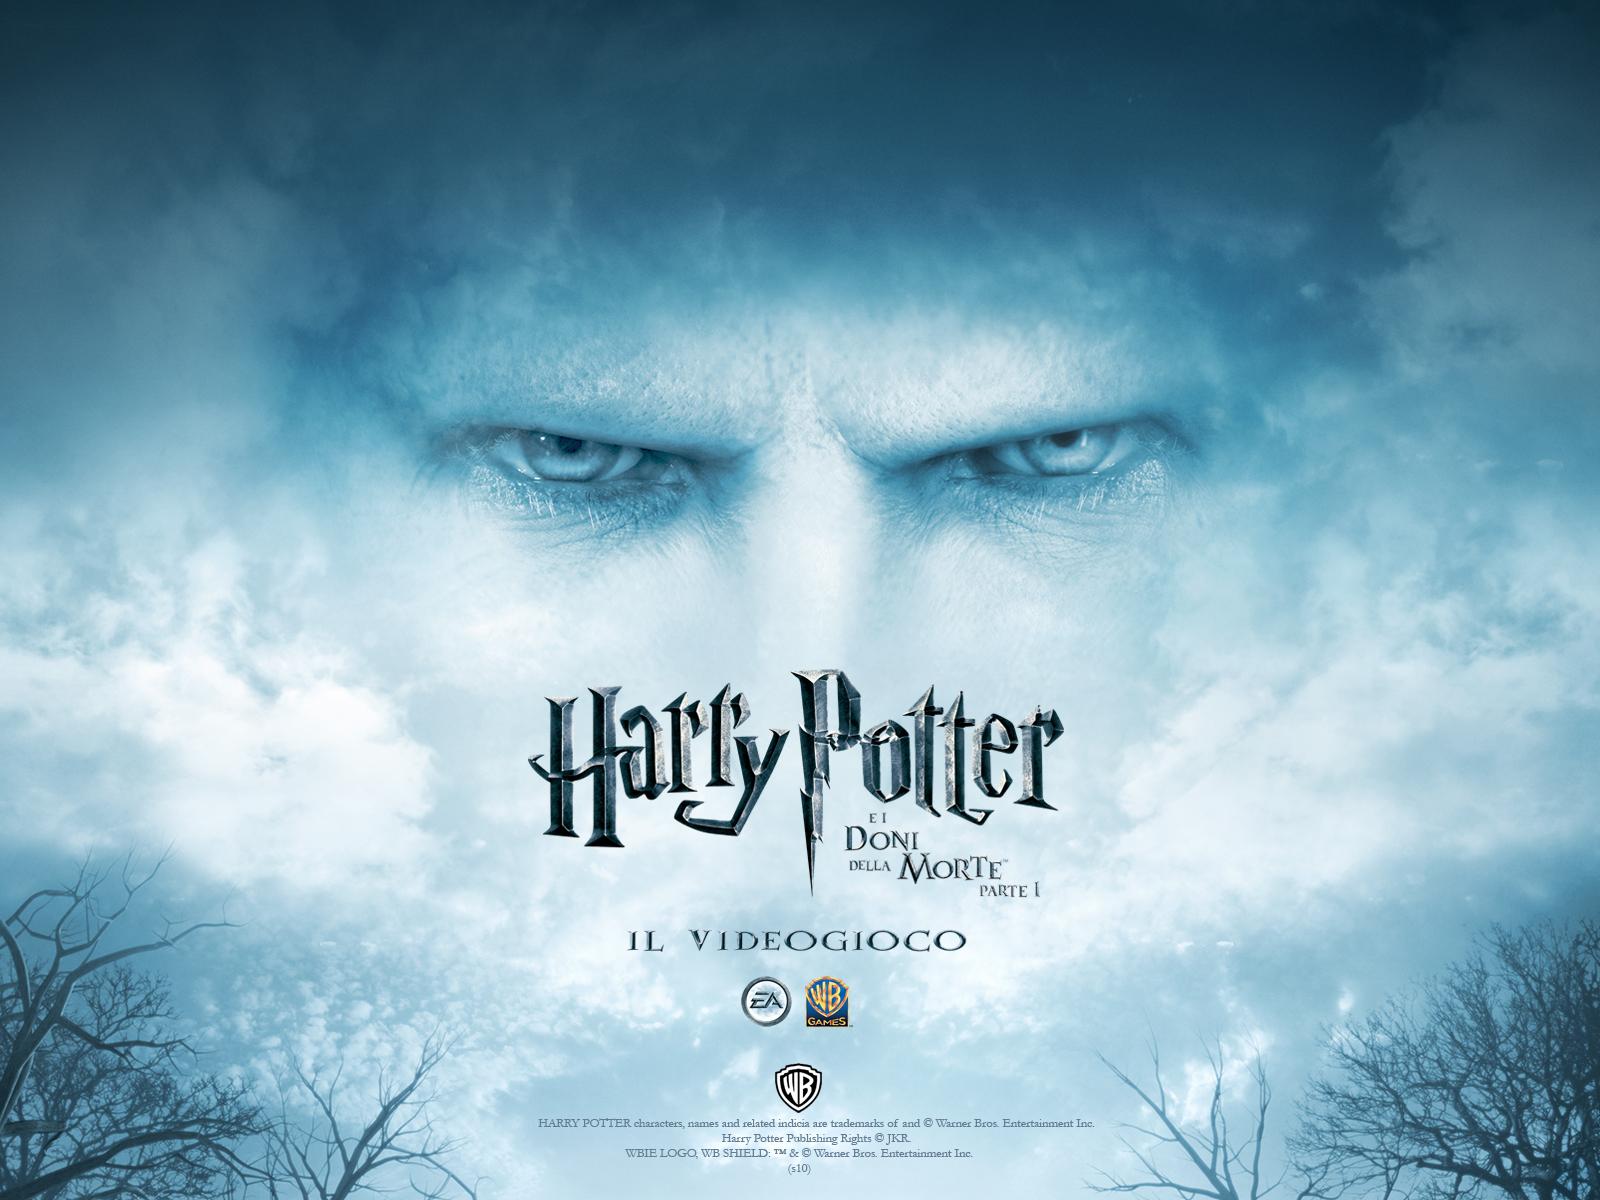 http://4.bp.blogspot.com/_Uf42tA7xWWA/TOKk8fqA0TI/AAAAAAAACFk/8p7m10U9v78/s1600/ITA_Voldemort_1600x1200.jpg